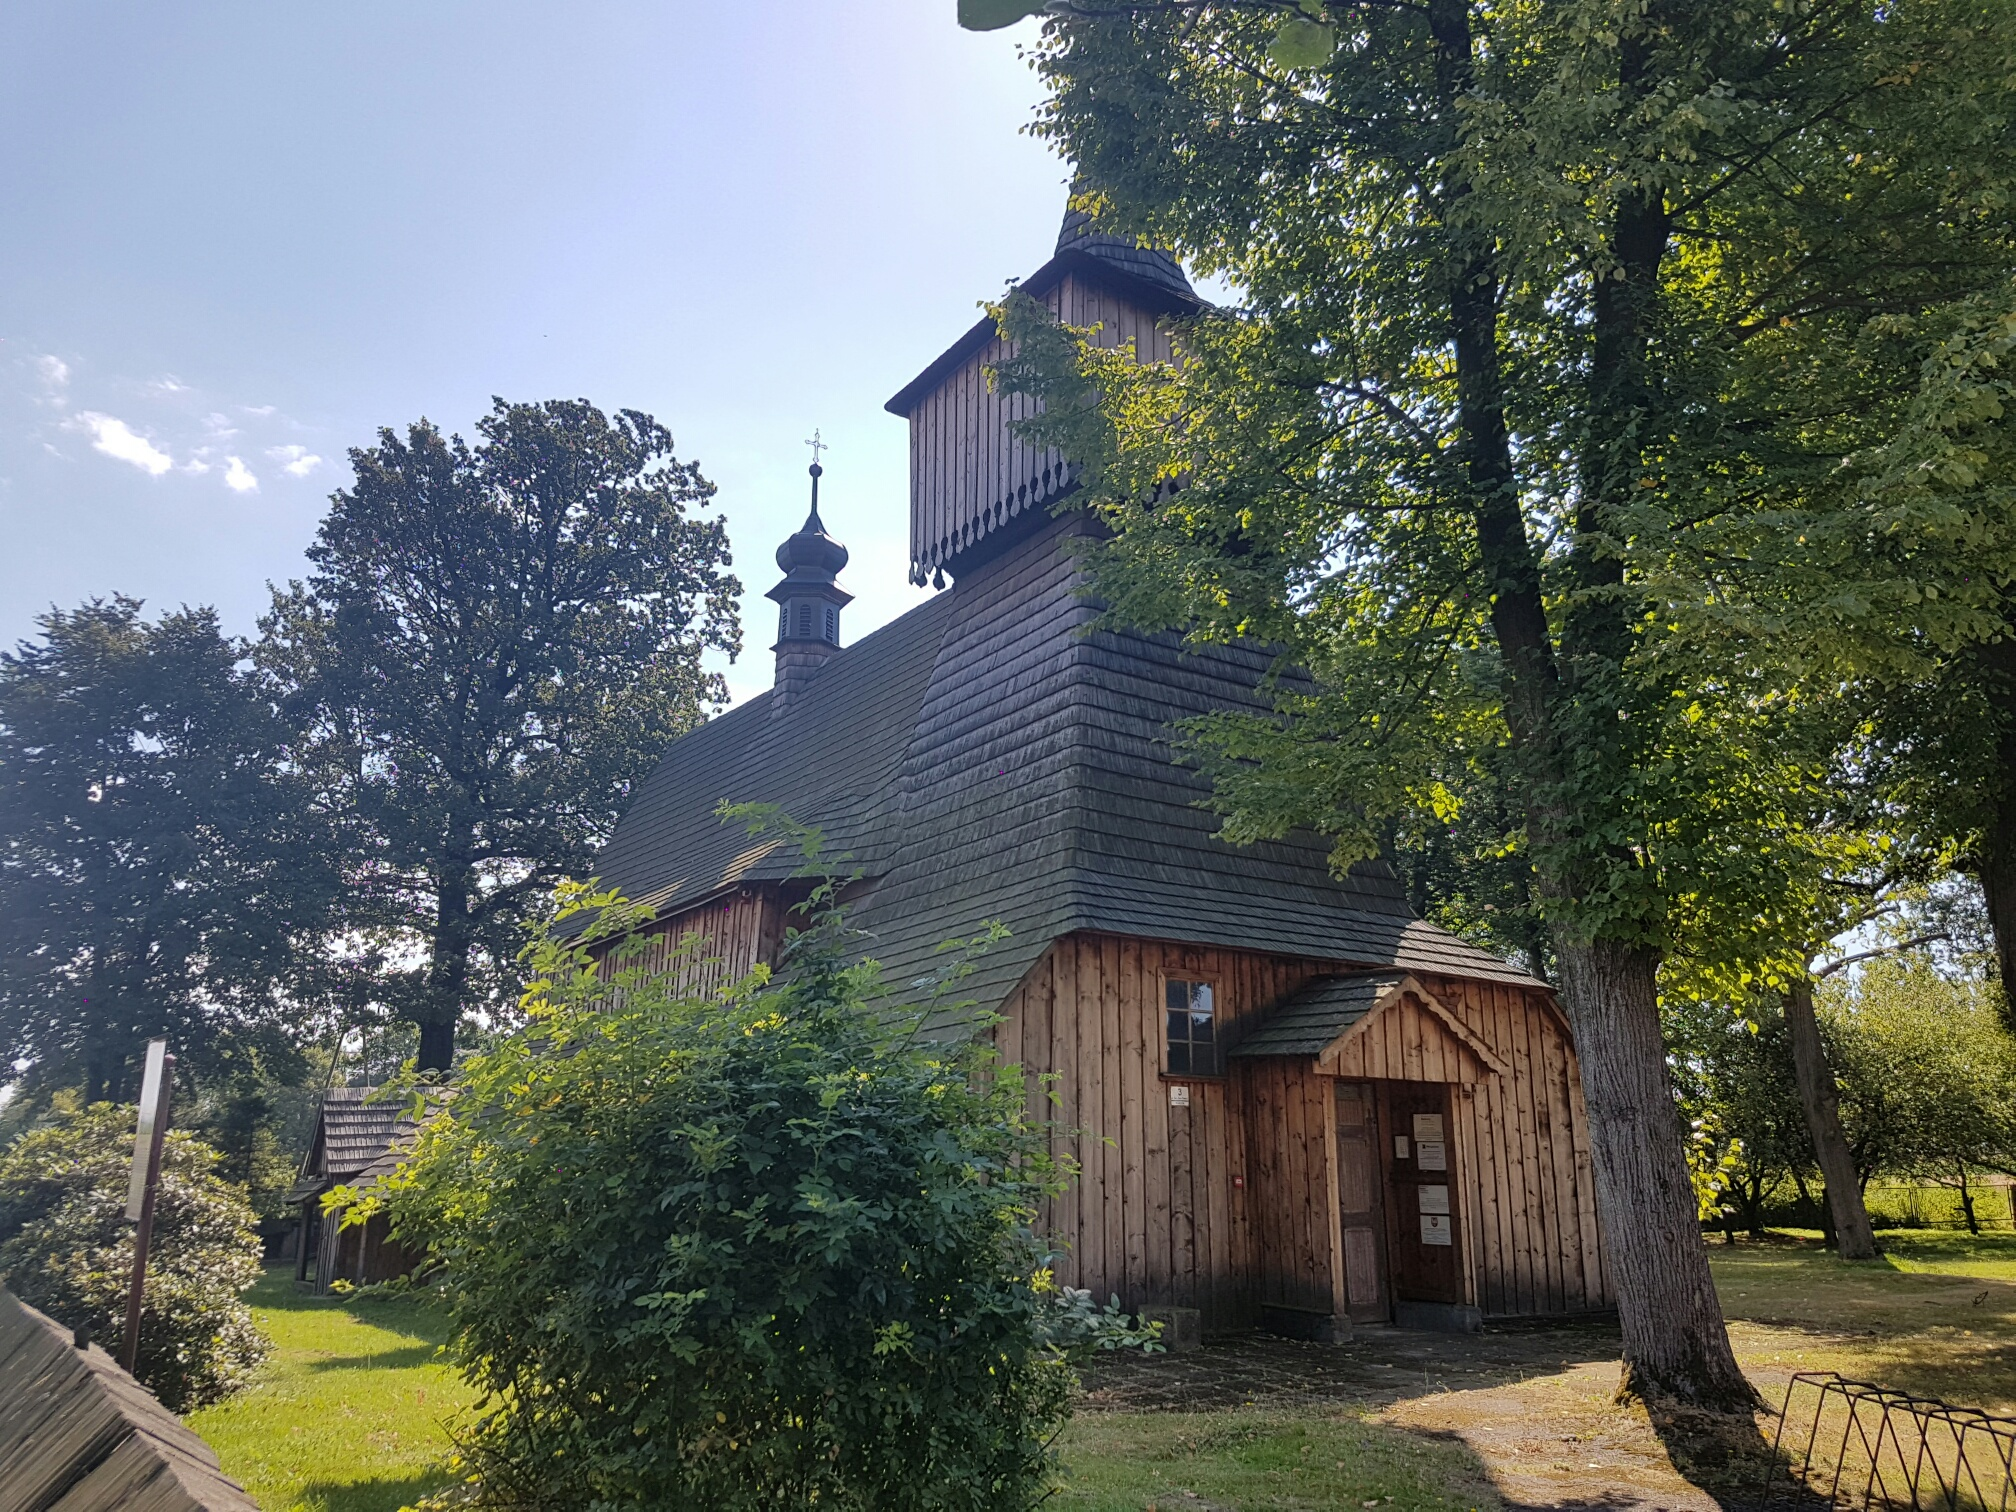 Zabytkowy kościół w Nidku po raz kolejny w wakacje udostępniony dla mieszkańców i turystów